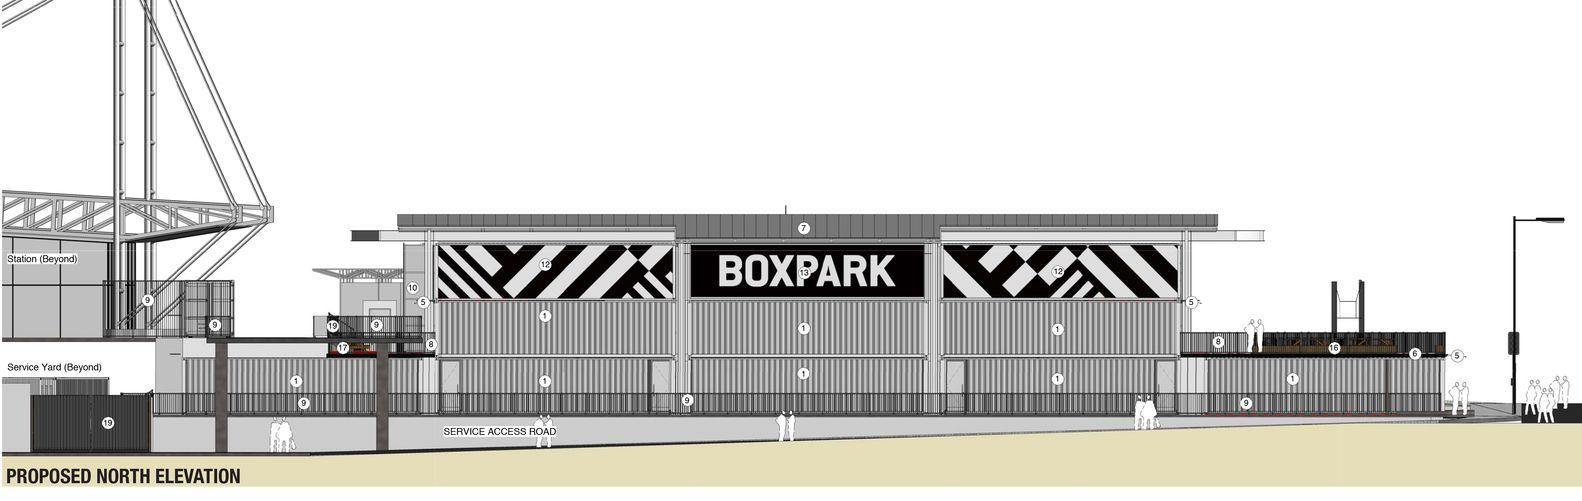 Gallery Of Boxpark Croydon Bdp 13 Proyectos